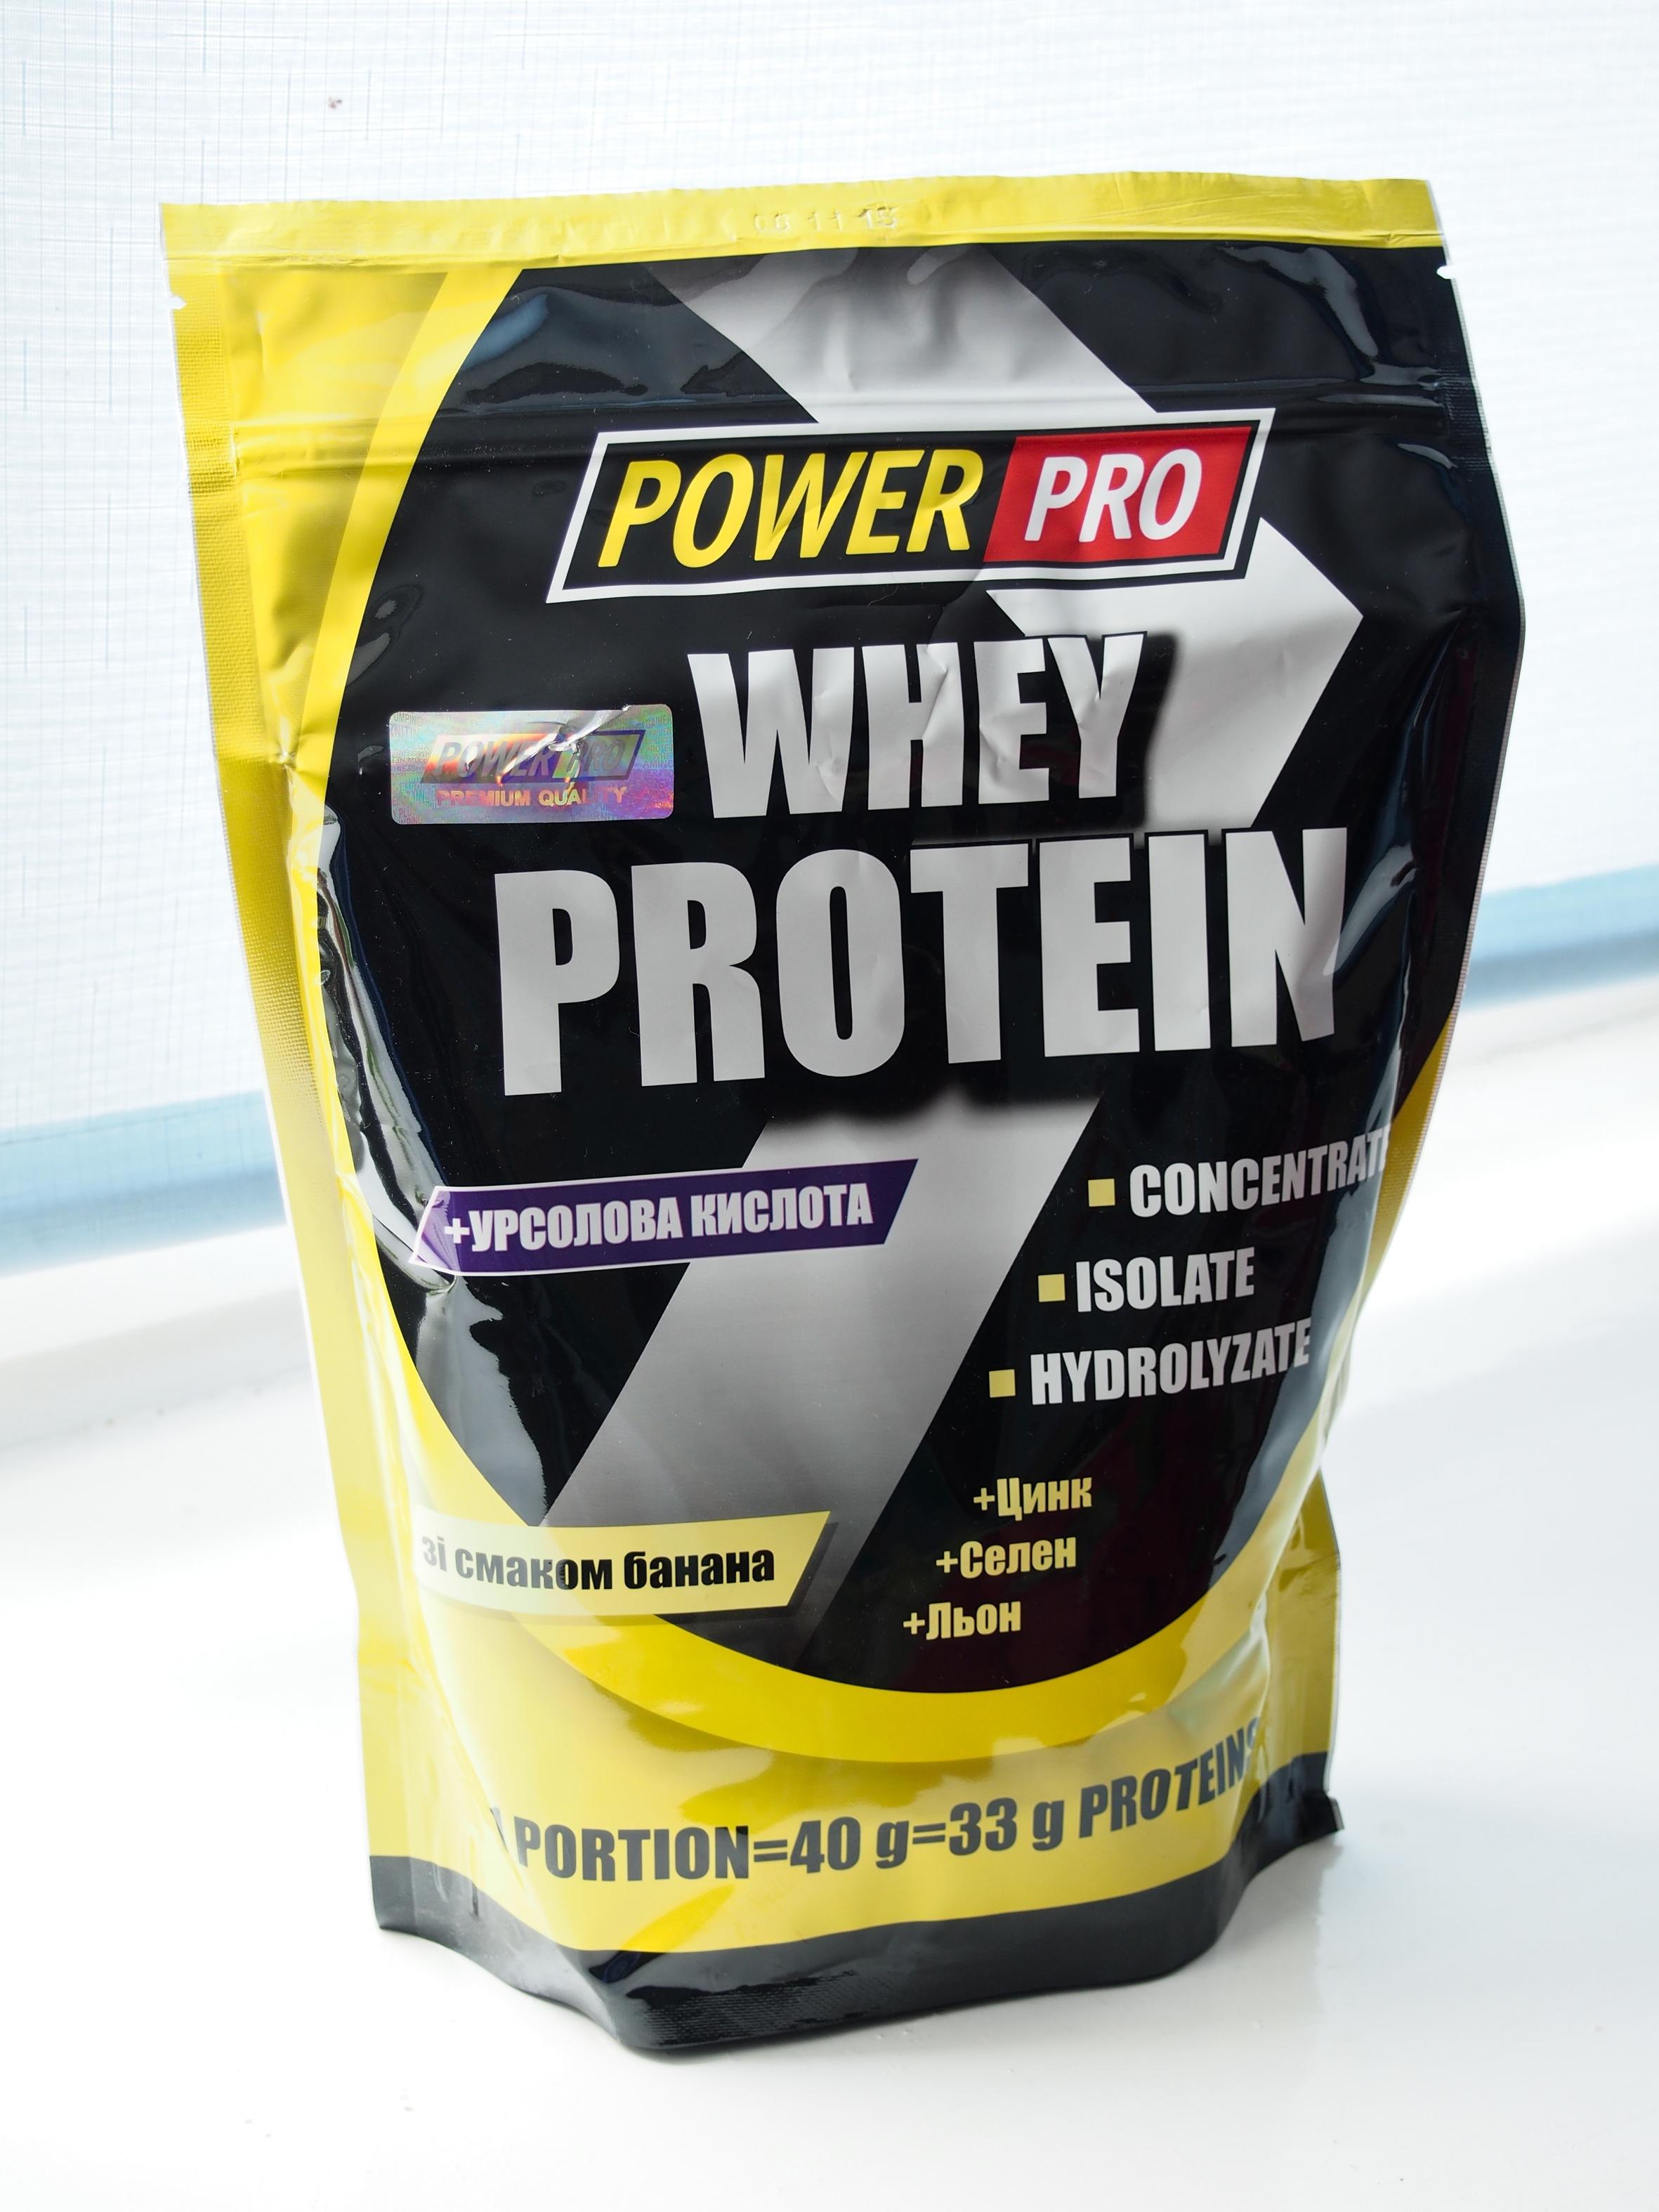 Proteína en polvo: para qué sirve y cómo debes tomarla